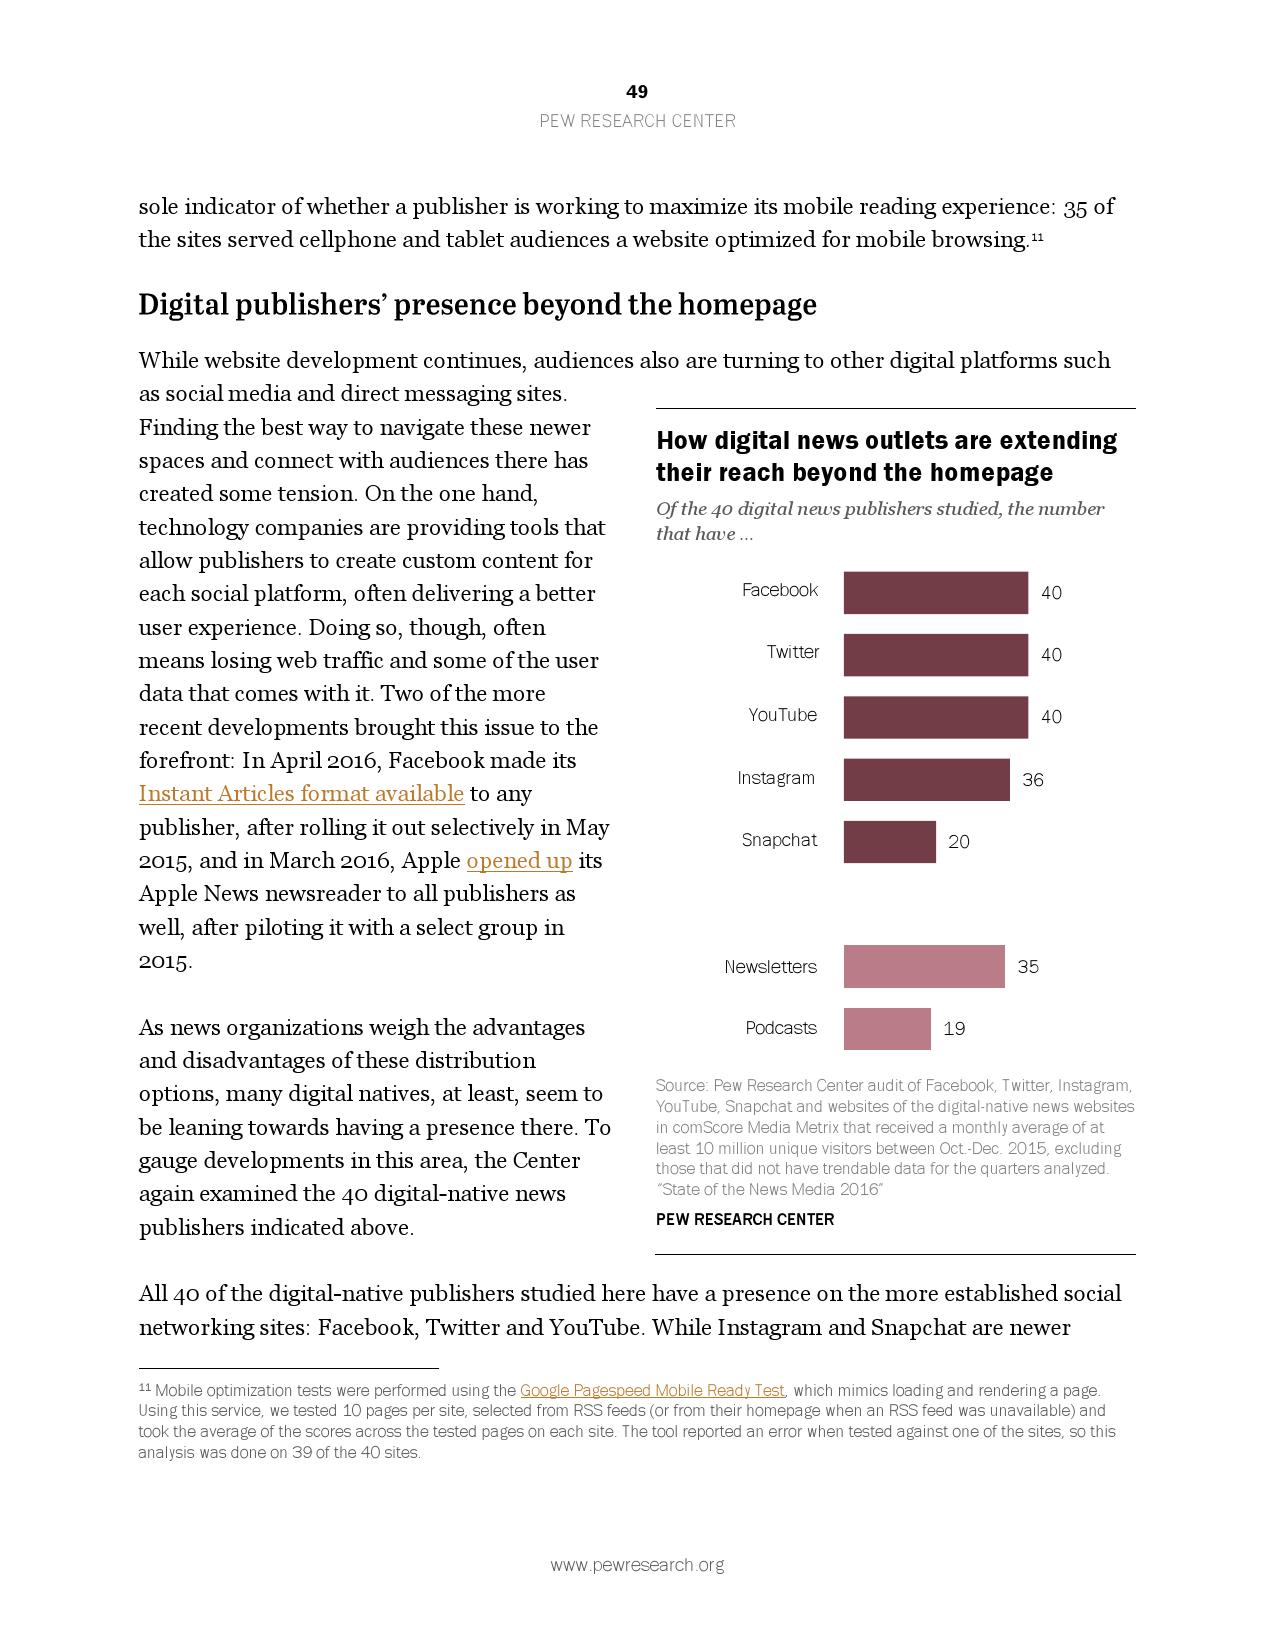 2016美国新媒体研究报告_000049